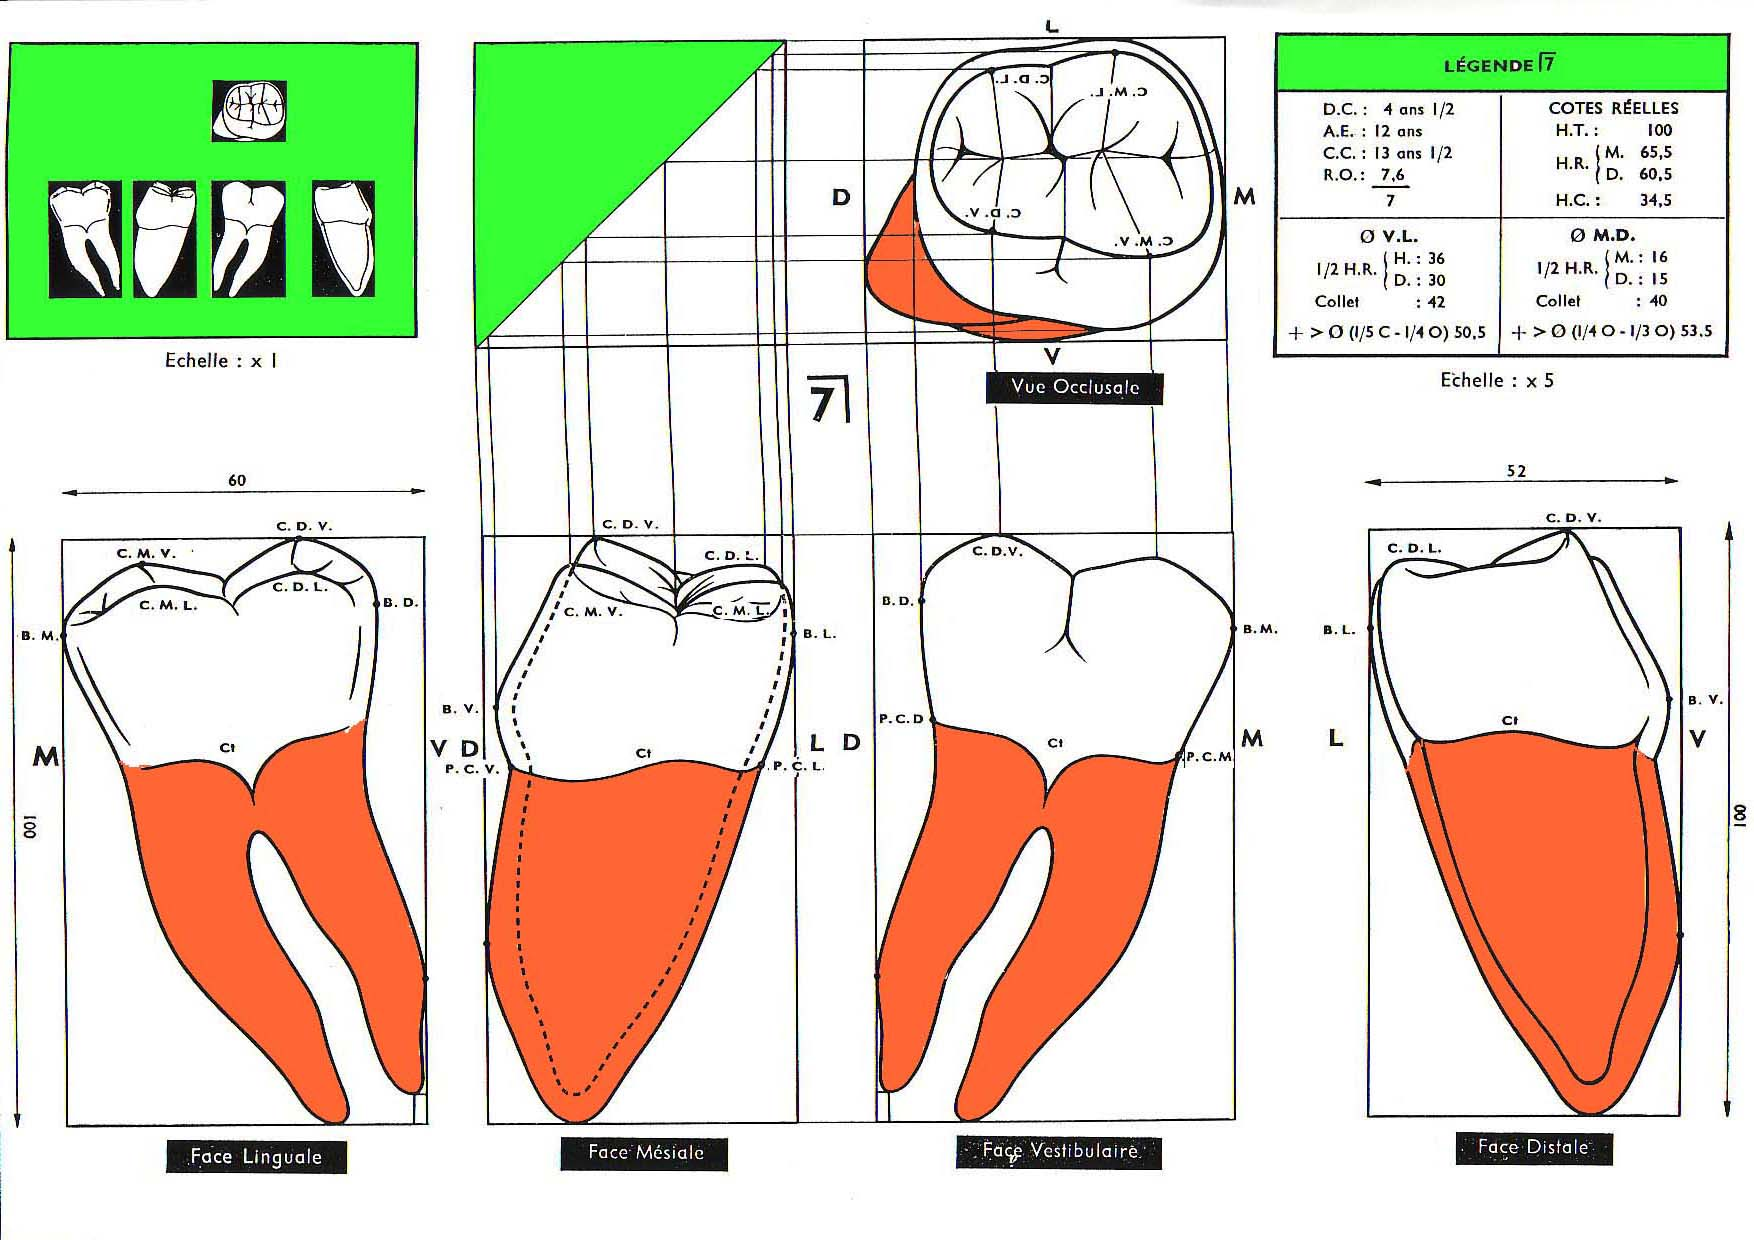 resultat cap prothesiste dentaire marseille Suivez un brevet technique des métiers prothésiste dentaire à saint-etienne créé en 1989 et proposant des formations du cap au bac +3 cfa ifir arl.